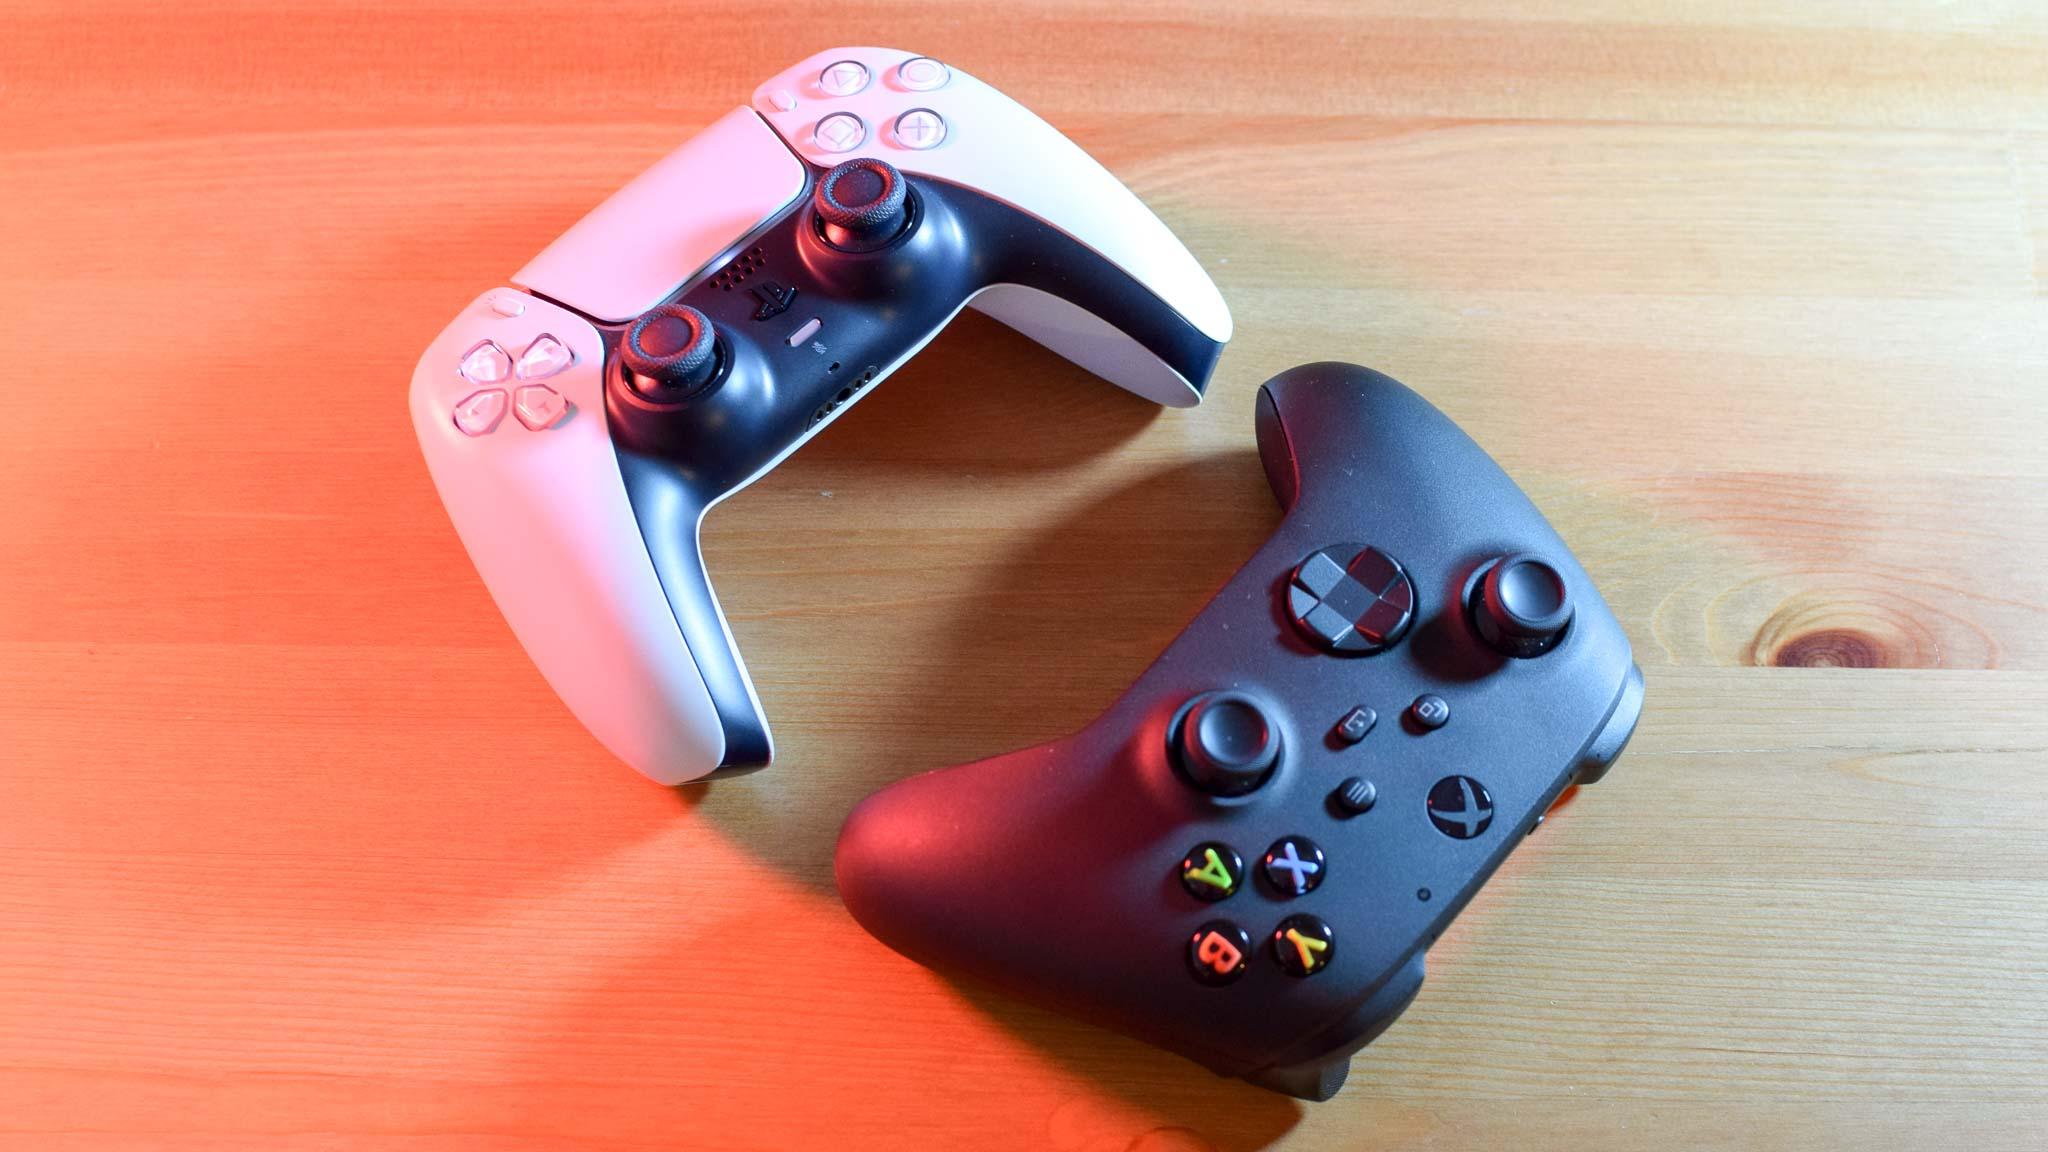 PS5 DualSense controller and Xbox Wireless controller